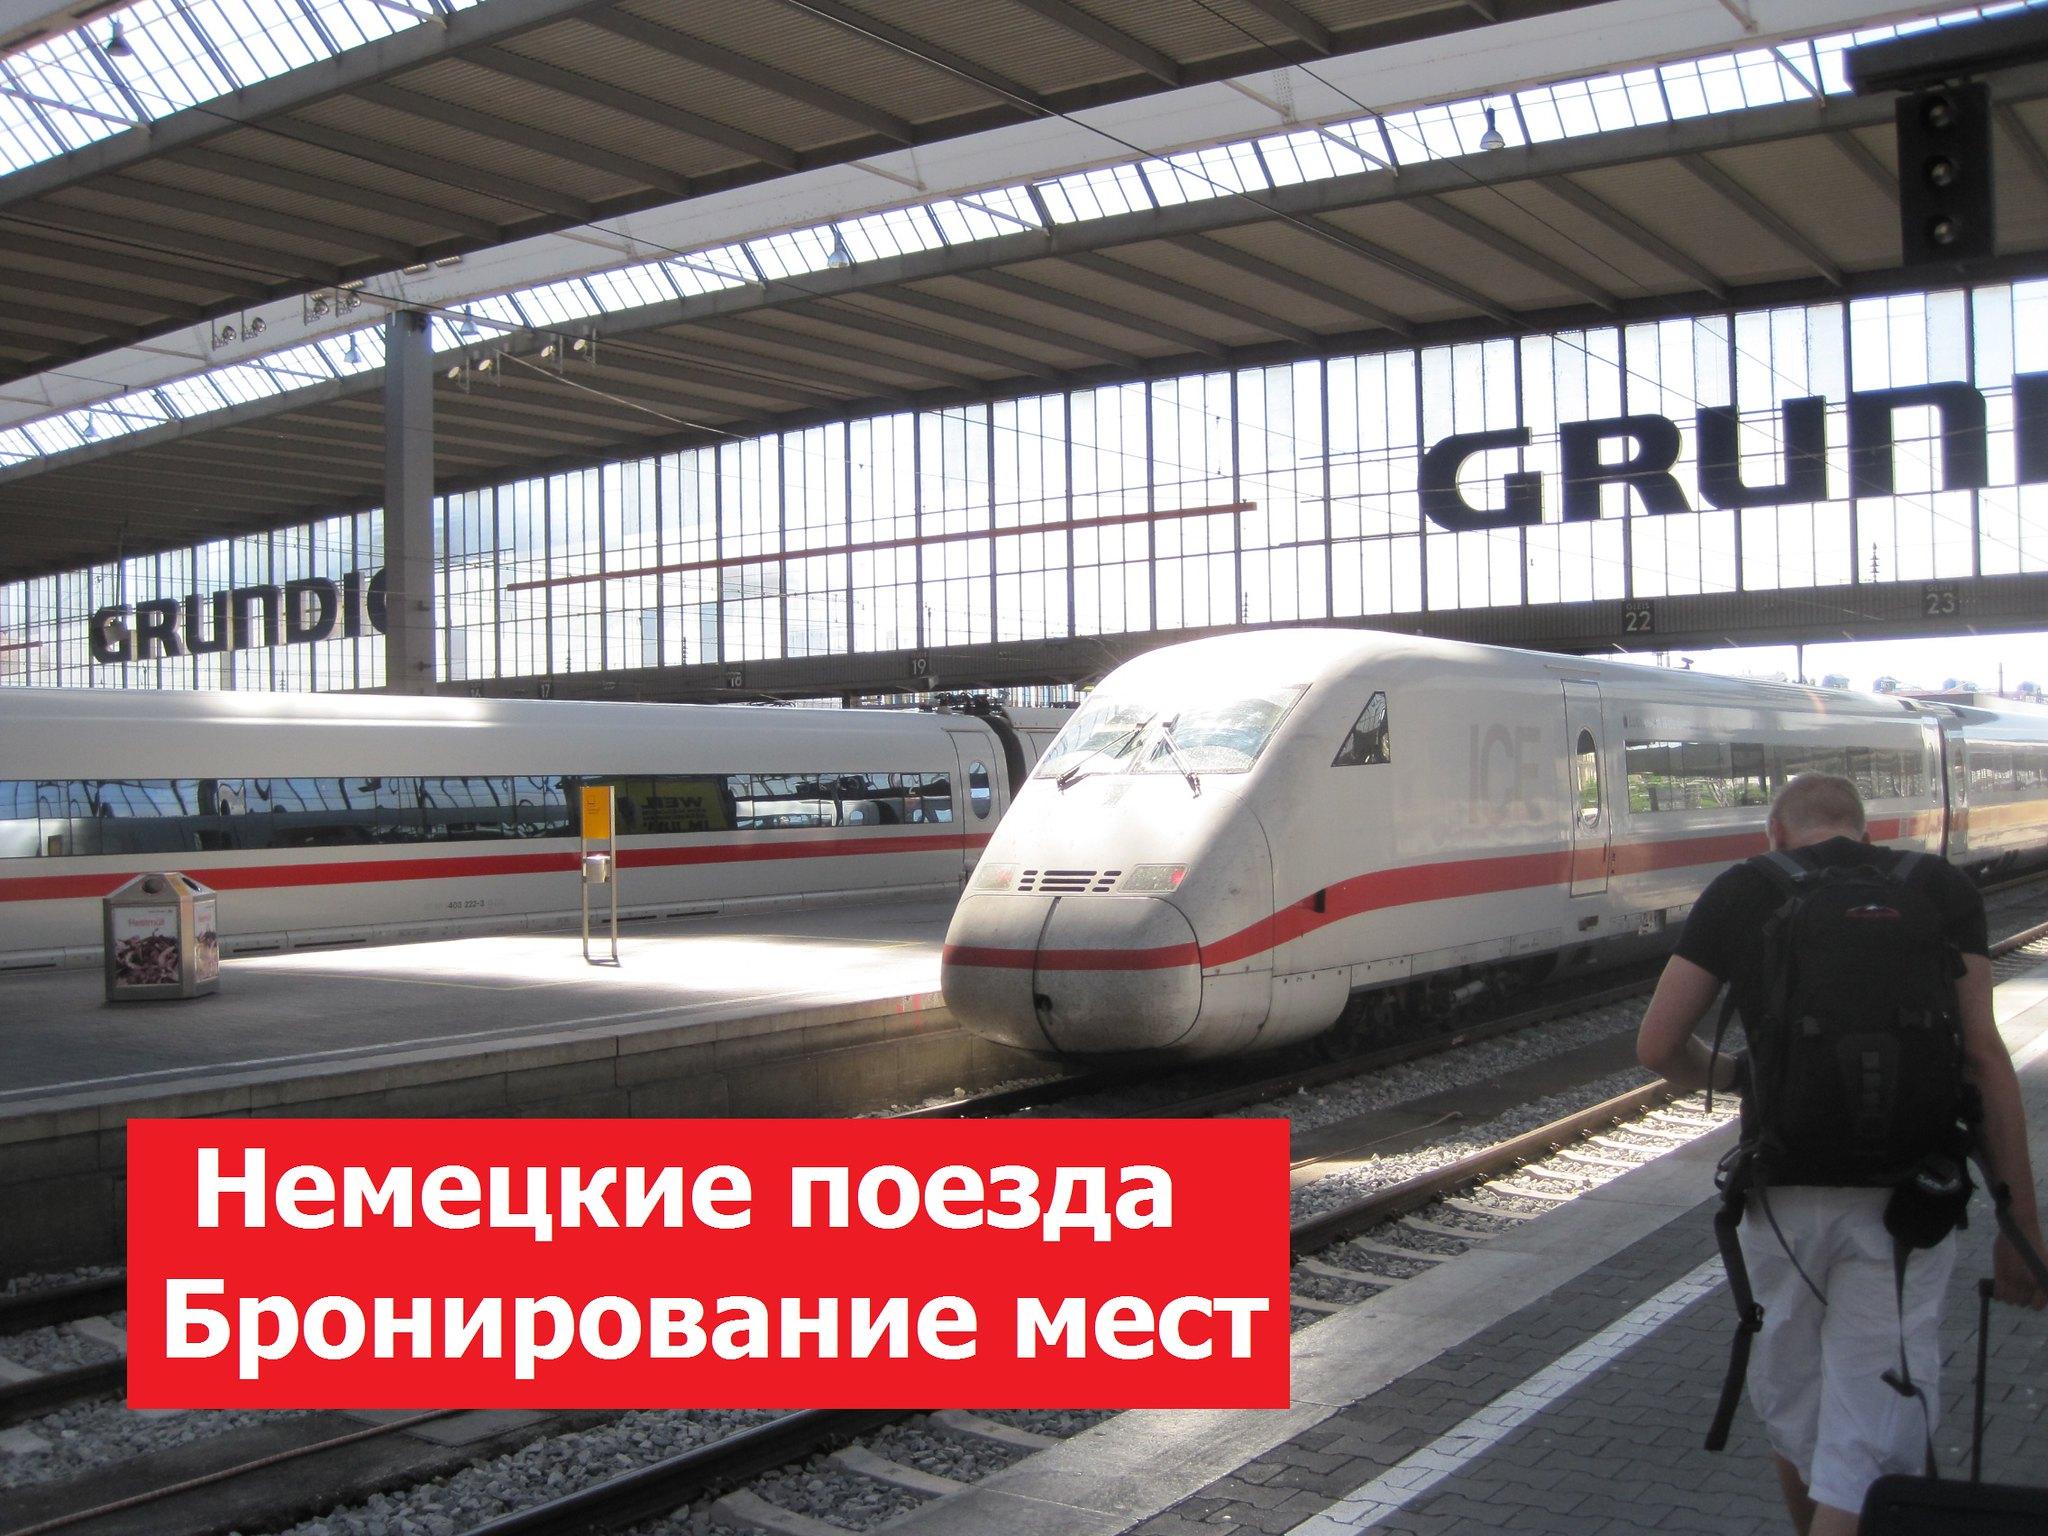 Бронирование места в немецком поезде. Все, что нужно знать